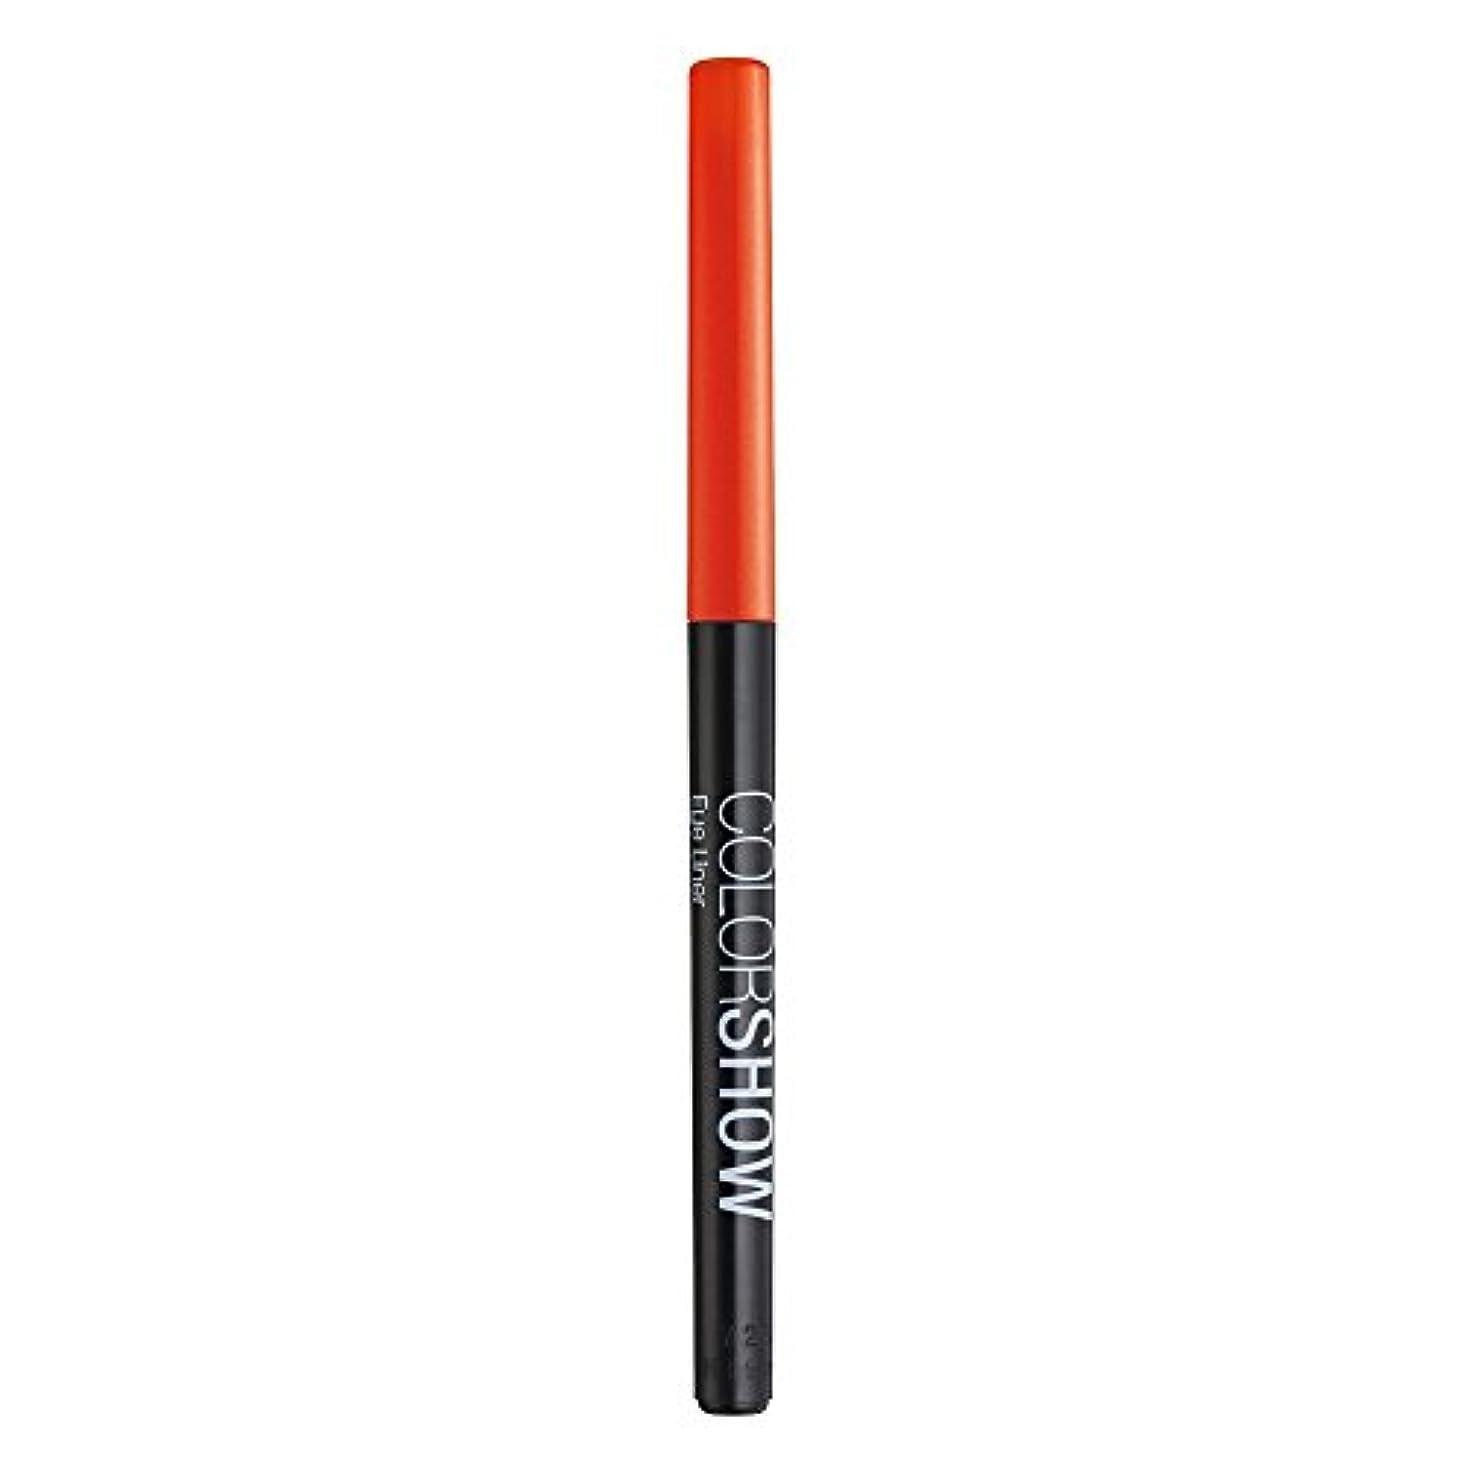 ワット満足させるやりすぎメイベリン カラー ショー ライナー OR-1 スパイシーオレンジ